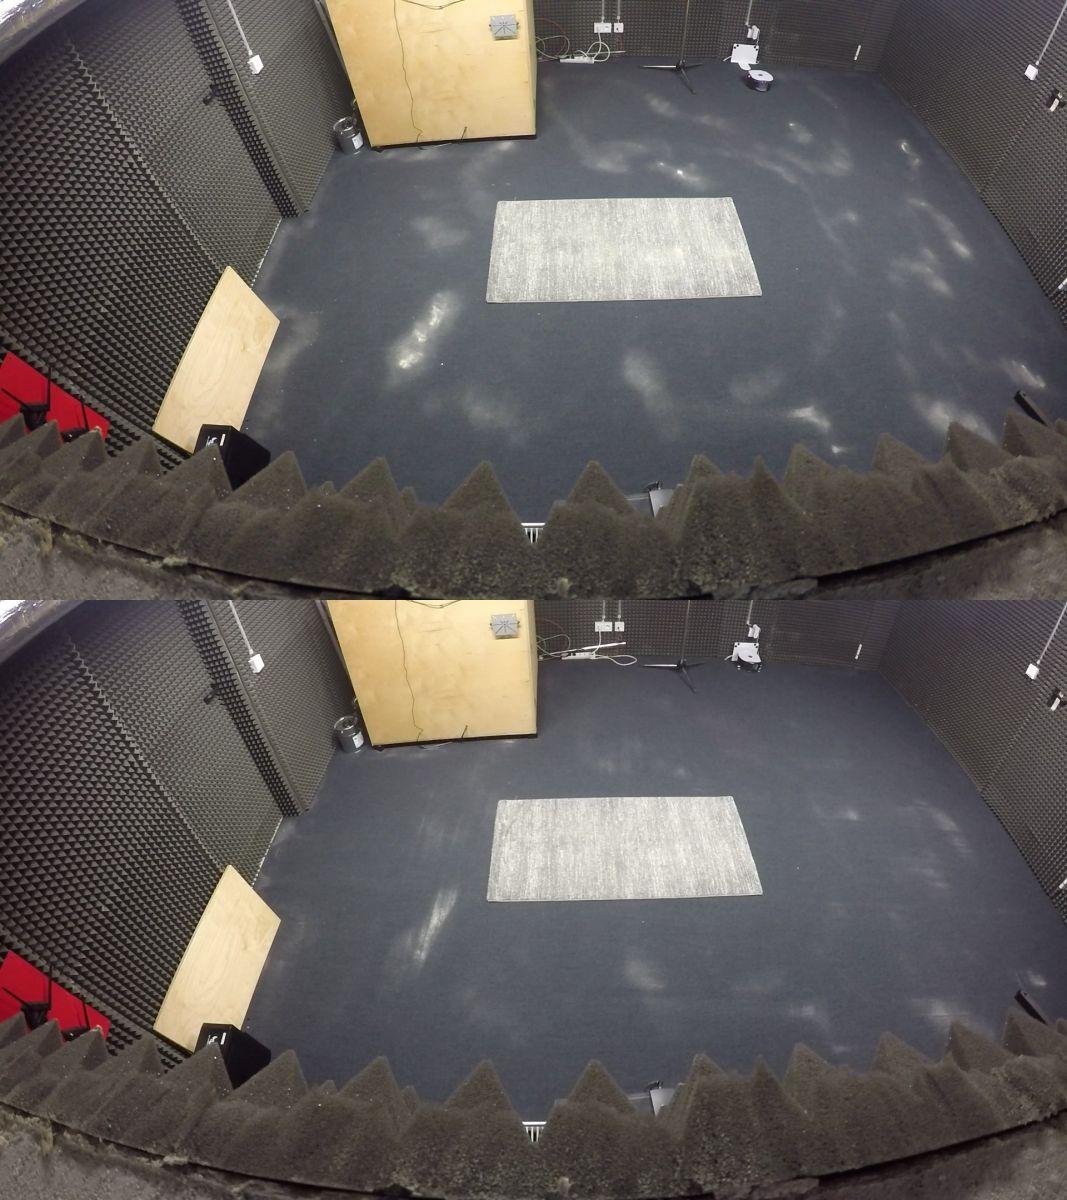 Фото: до и после: кварцевый песок на ковровом покрытии — настоящий вызов для любого пылесоса. С этой задачей робот справляется довольно хорошо